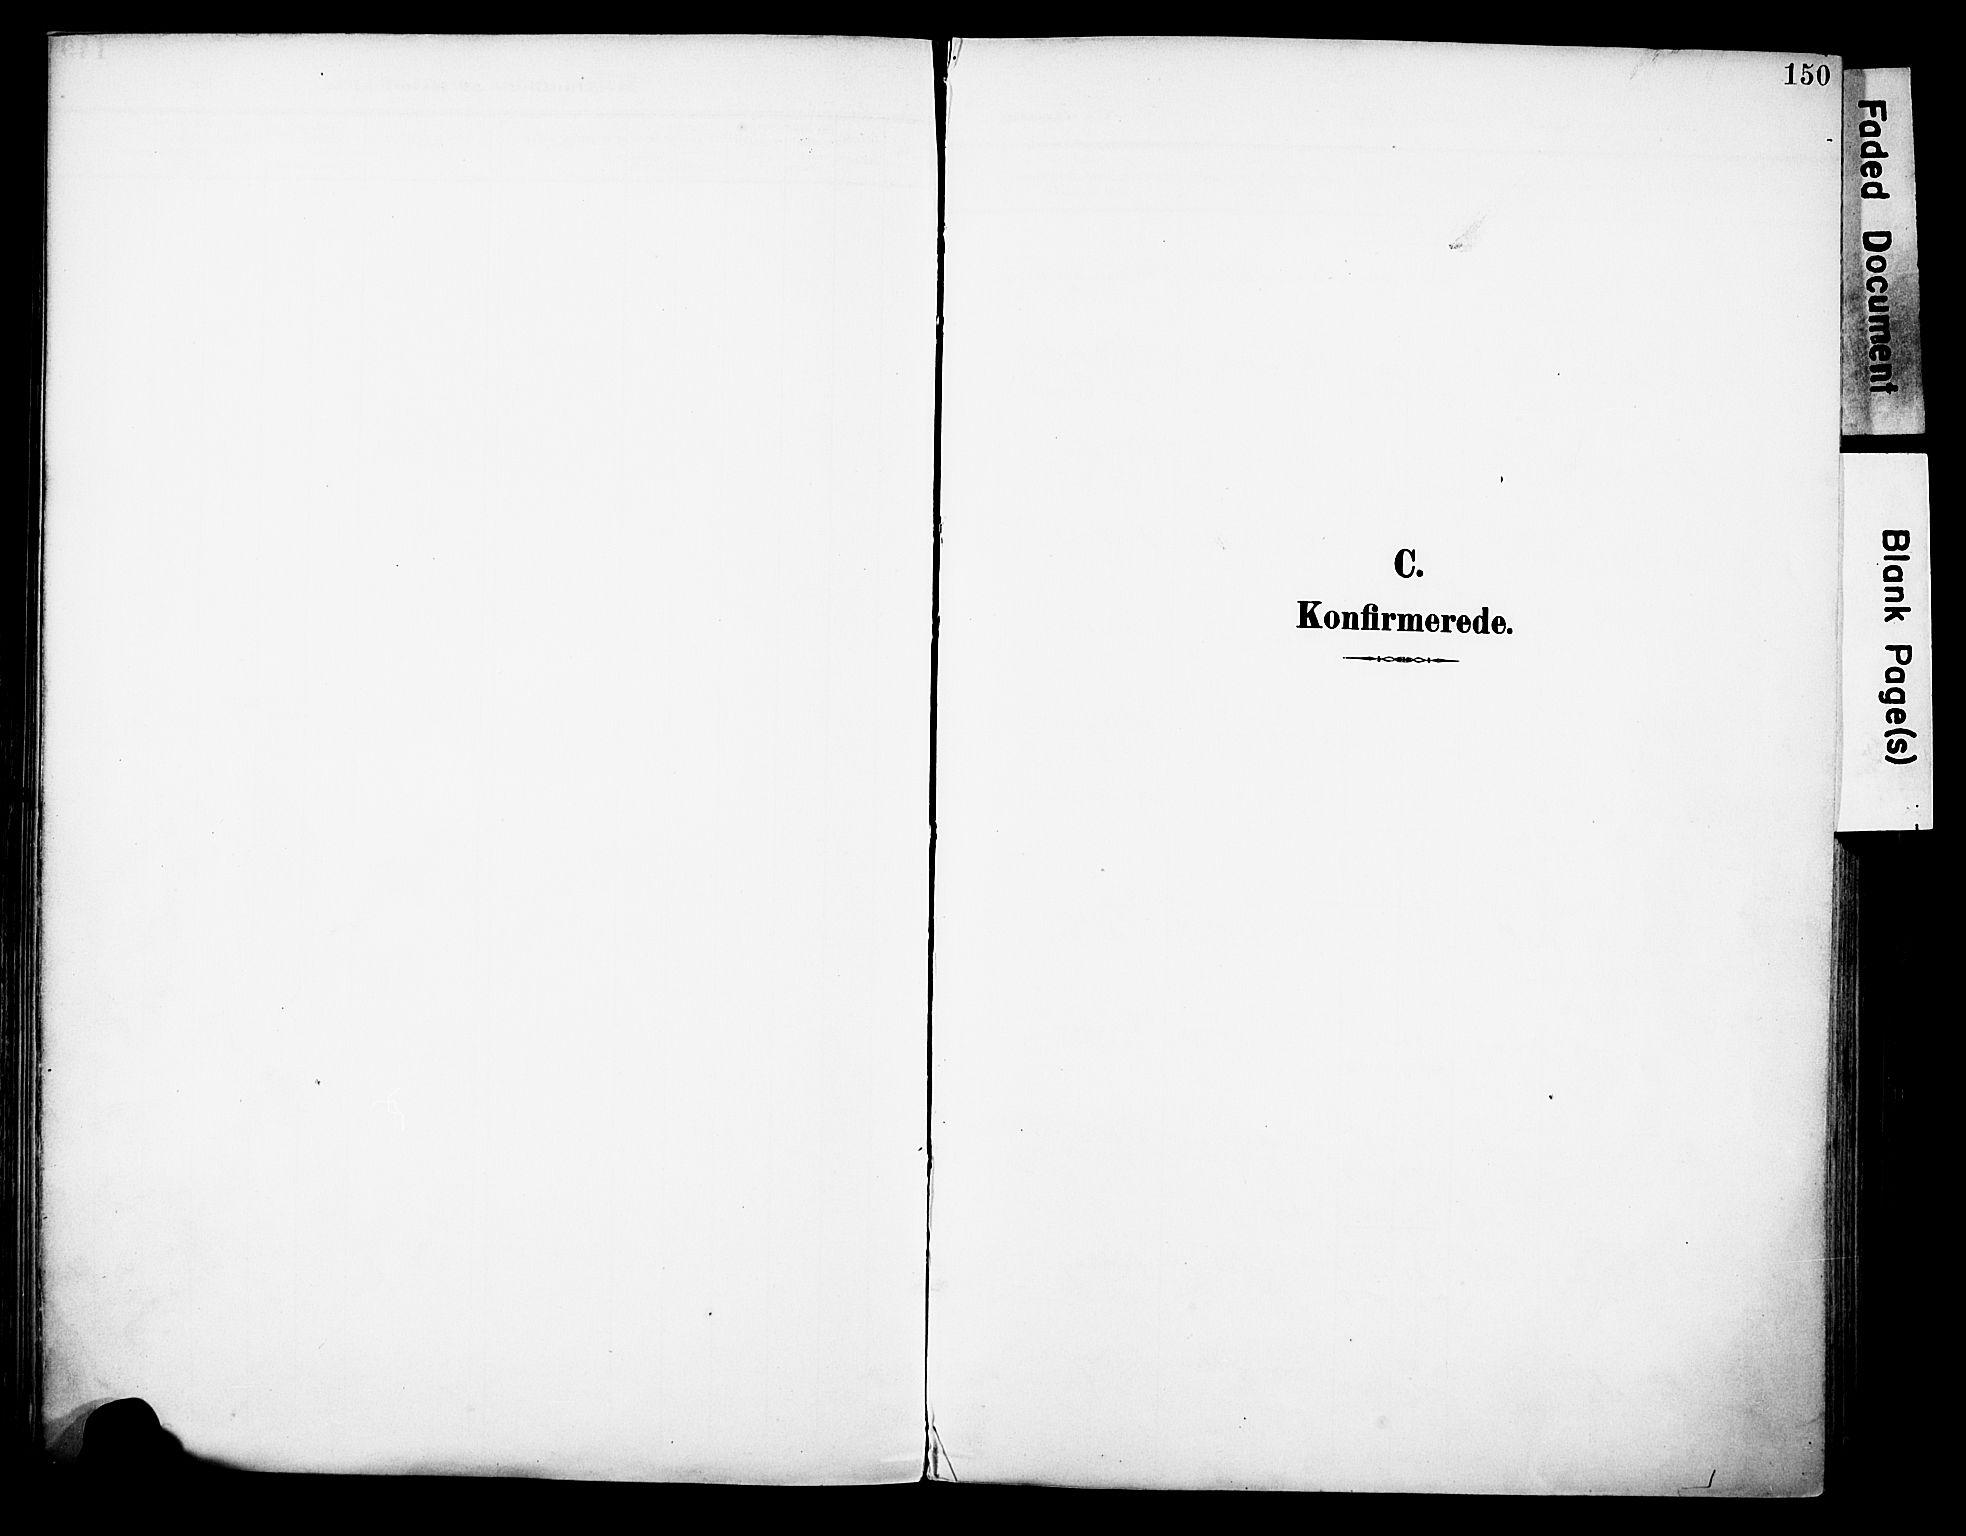 SAH, Vestre Toten prestekontor, Ministerialbok nr. 13, 1895-1911, s. 150